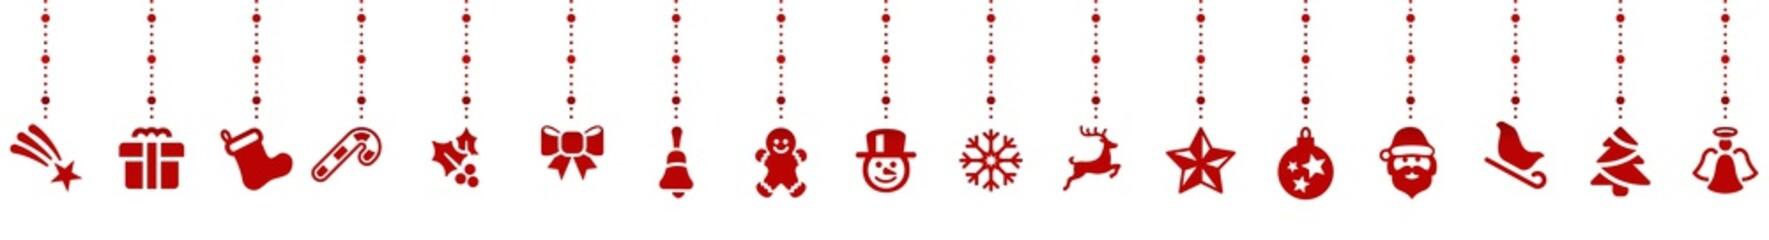 Wall Mural - Rot Weihnachten Elemente Dekoration Panorama Hintergrund